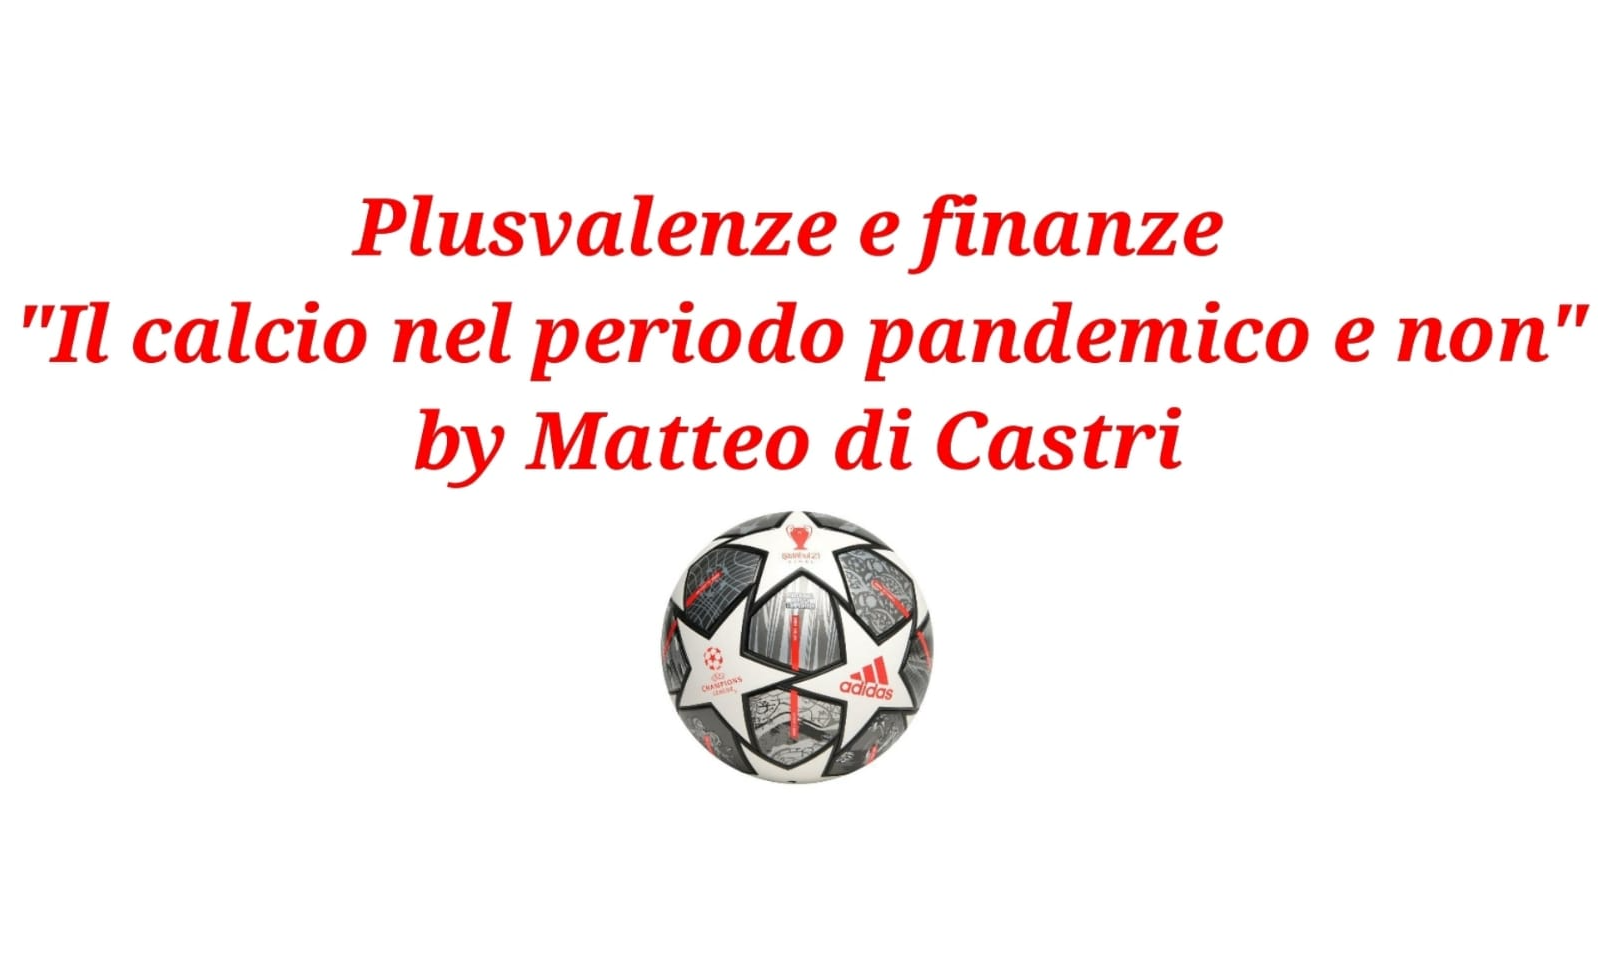 """Plusvalenze e finanze """"Il calcio in pandemia e non"""""""